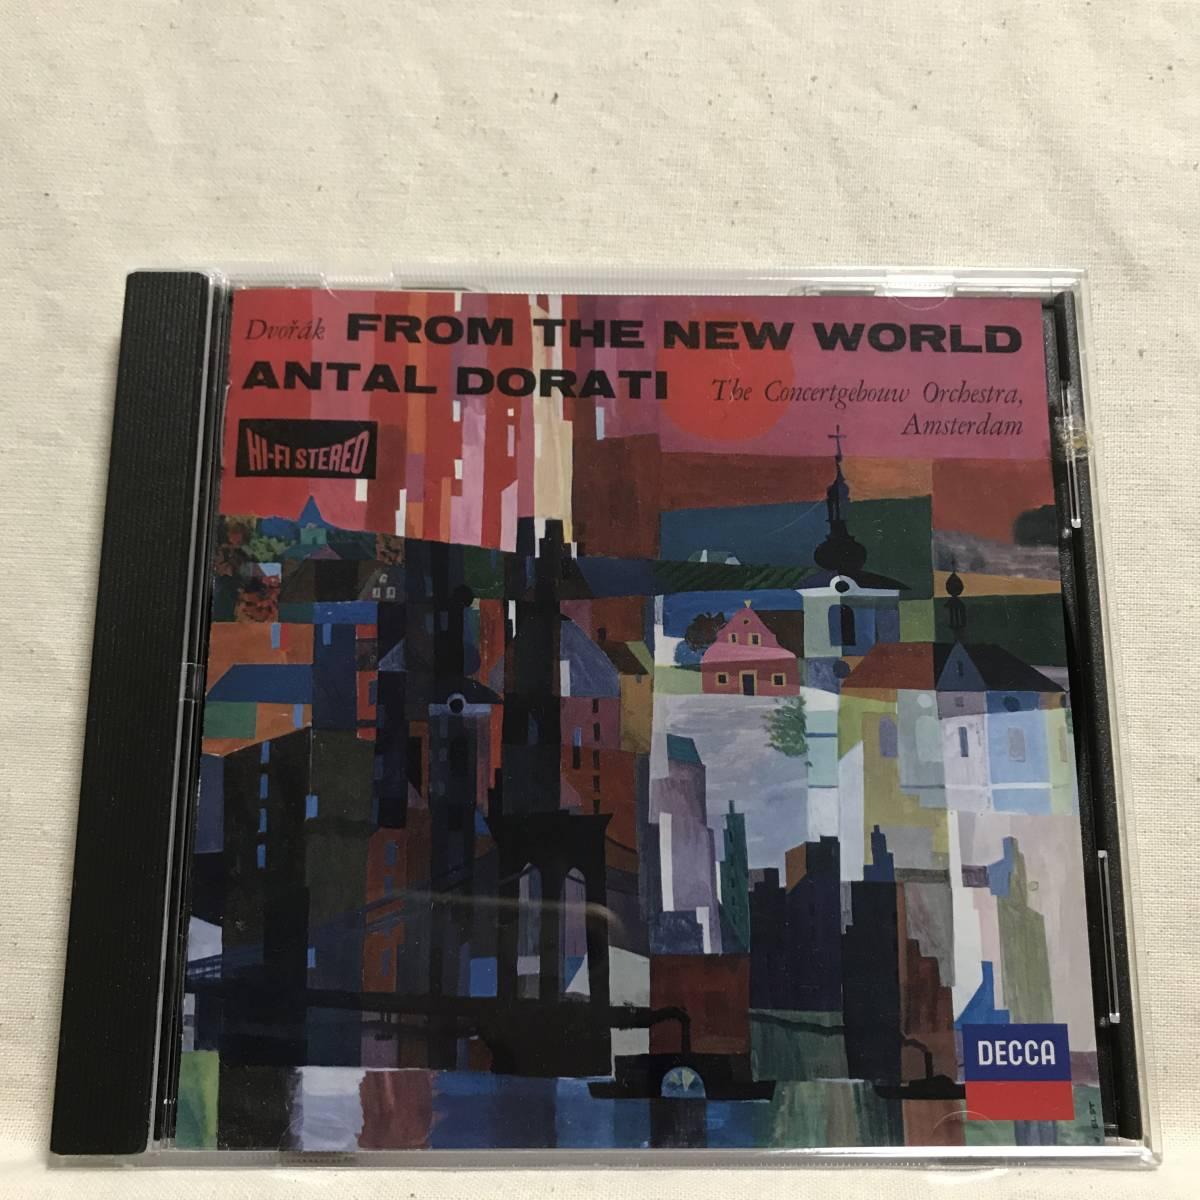 ドラティ / ドヴォルザーク: 交響曲第9番「新世界より」/コンセルトヘボウ管●廃盤 入手困難 DECCA<タワーレコード限定>レア_画像5